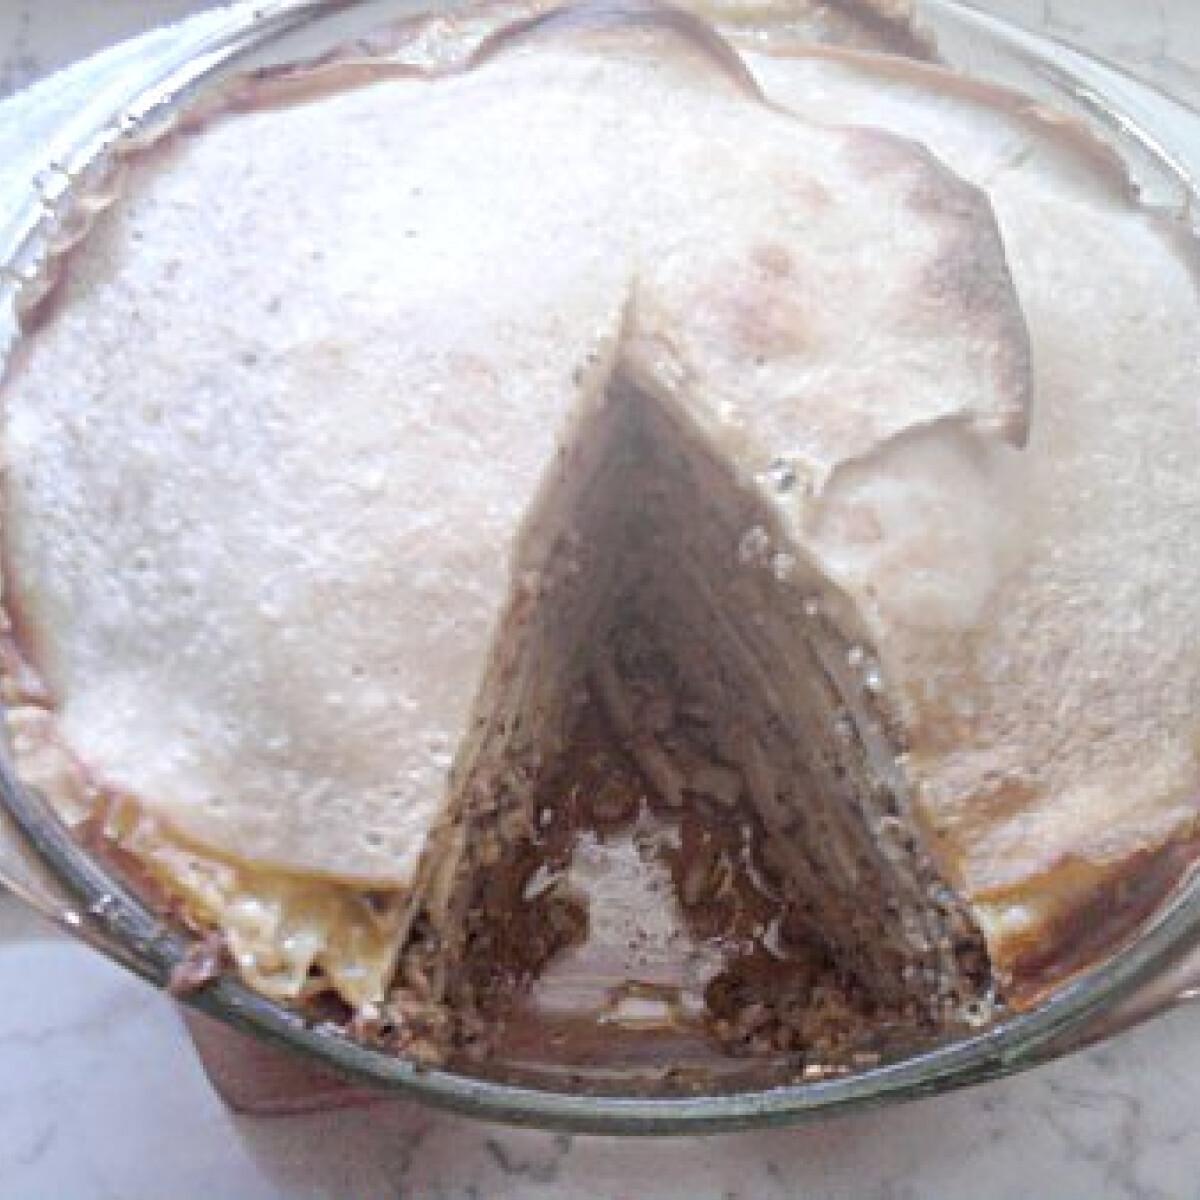 Ezen a képen: Rakott húsos palacsinta petione konyhájából